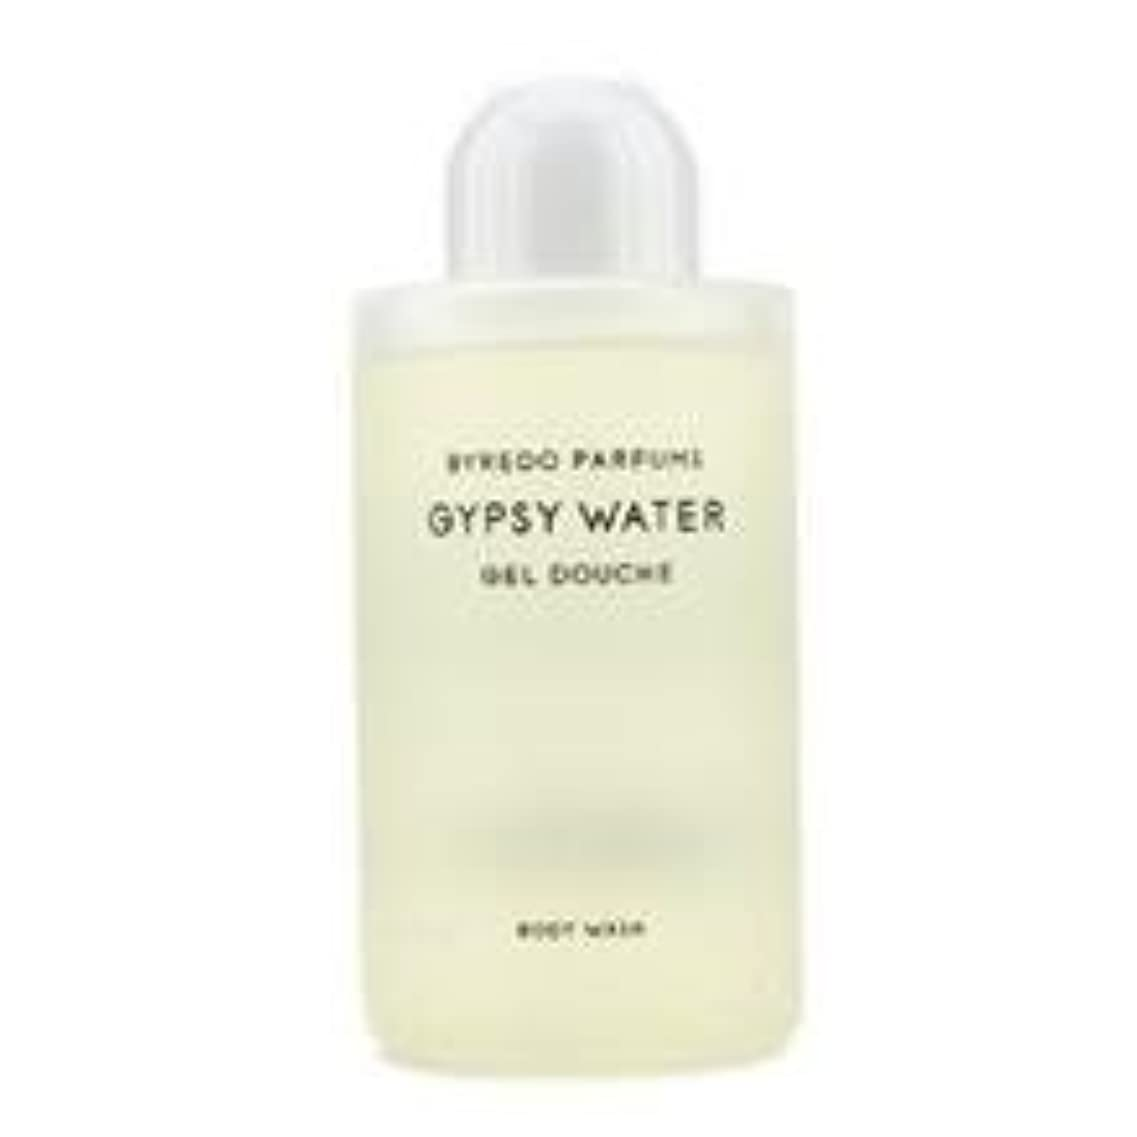 頑丈評価する先Byredo Gypsy Water Body Wash 225ml/7.6oz by Byredo